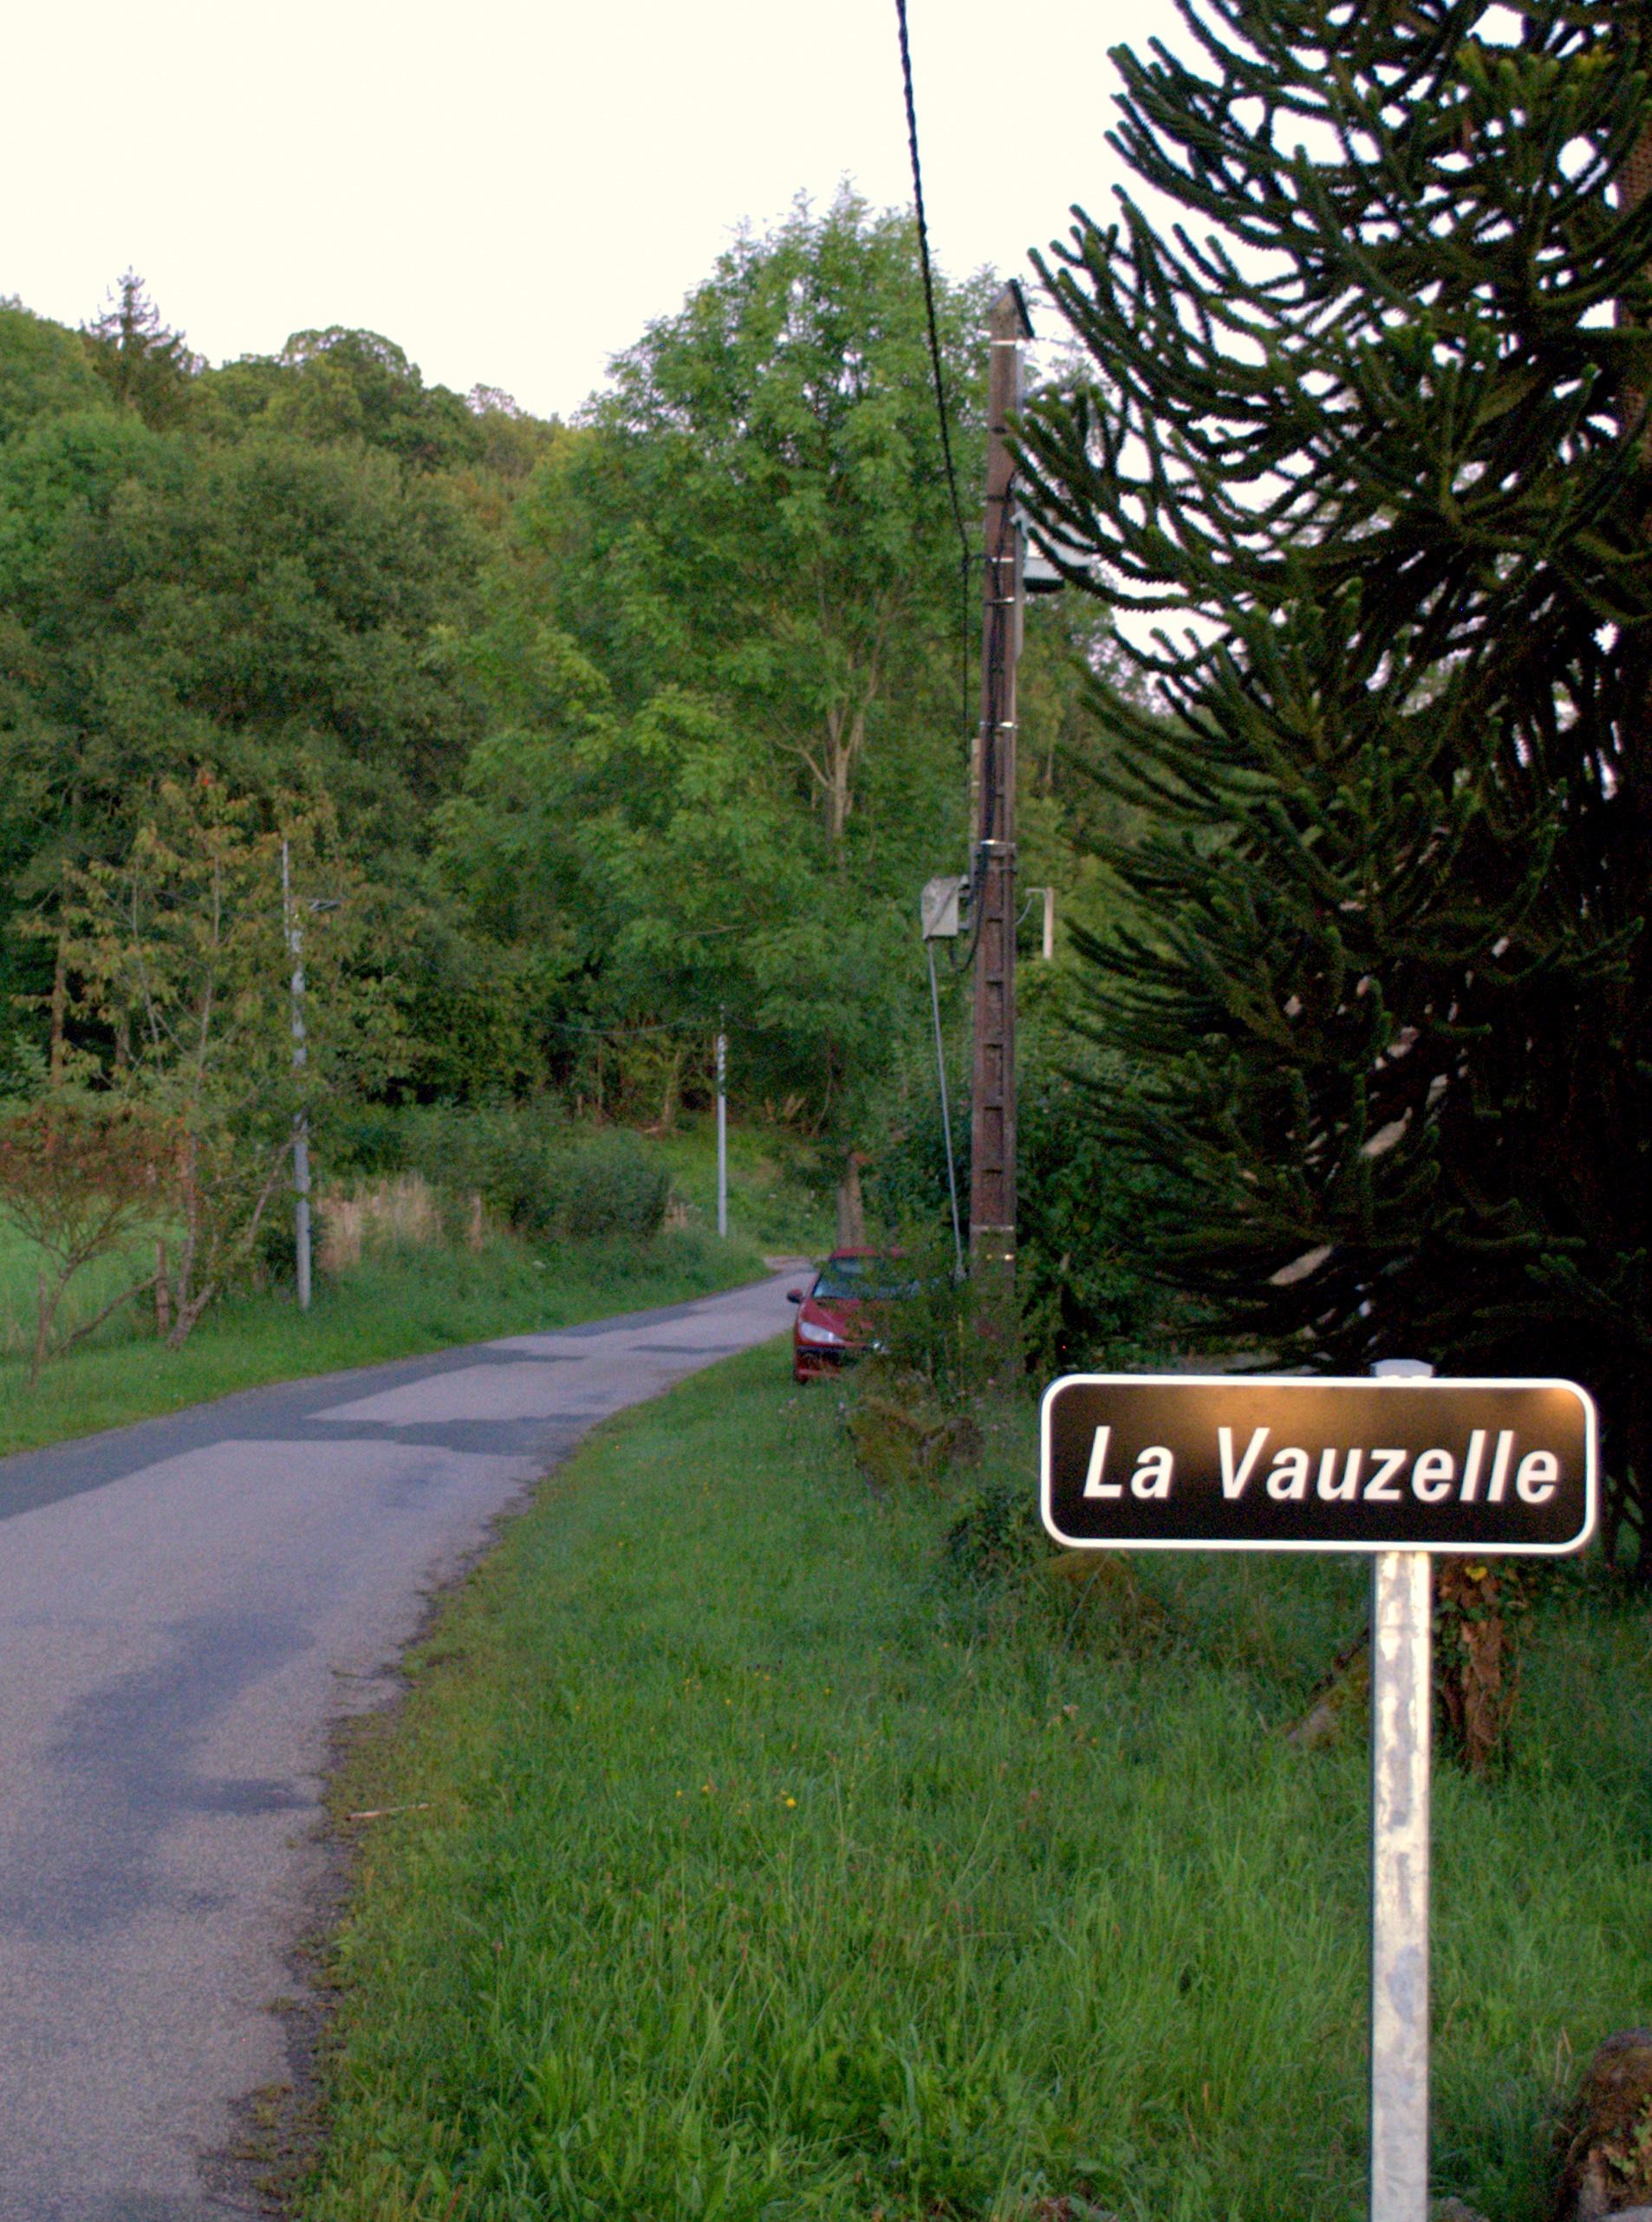 Arrivée à La Vauzelle